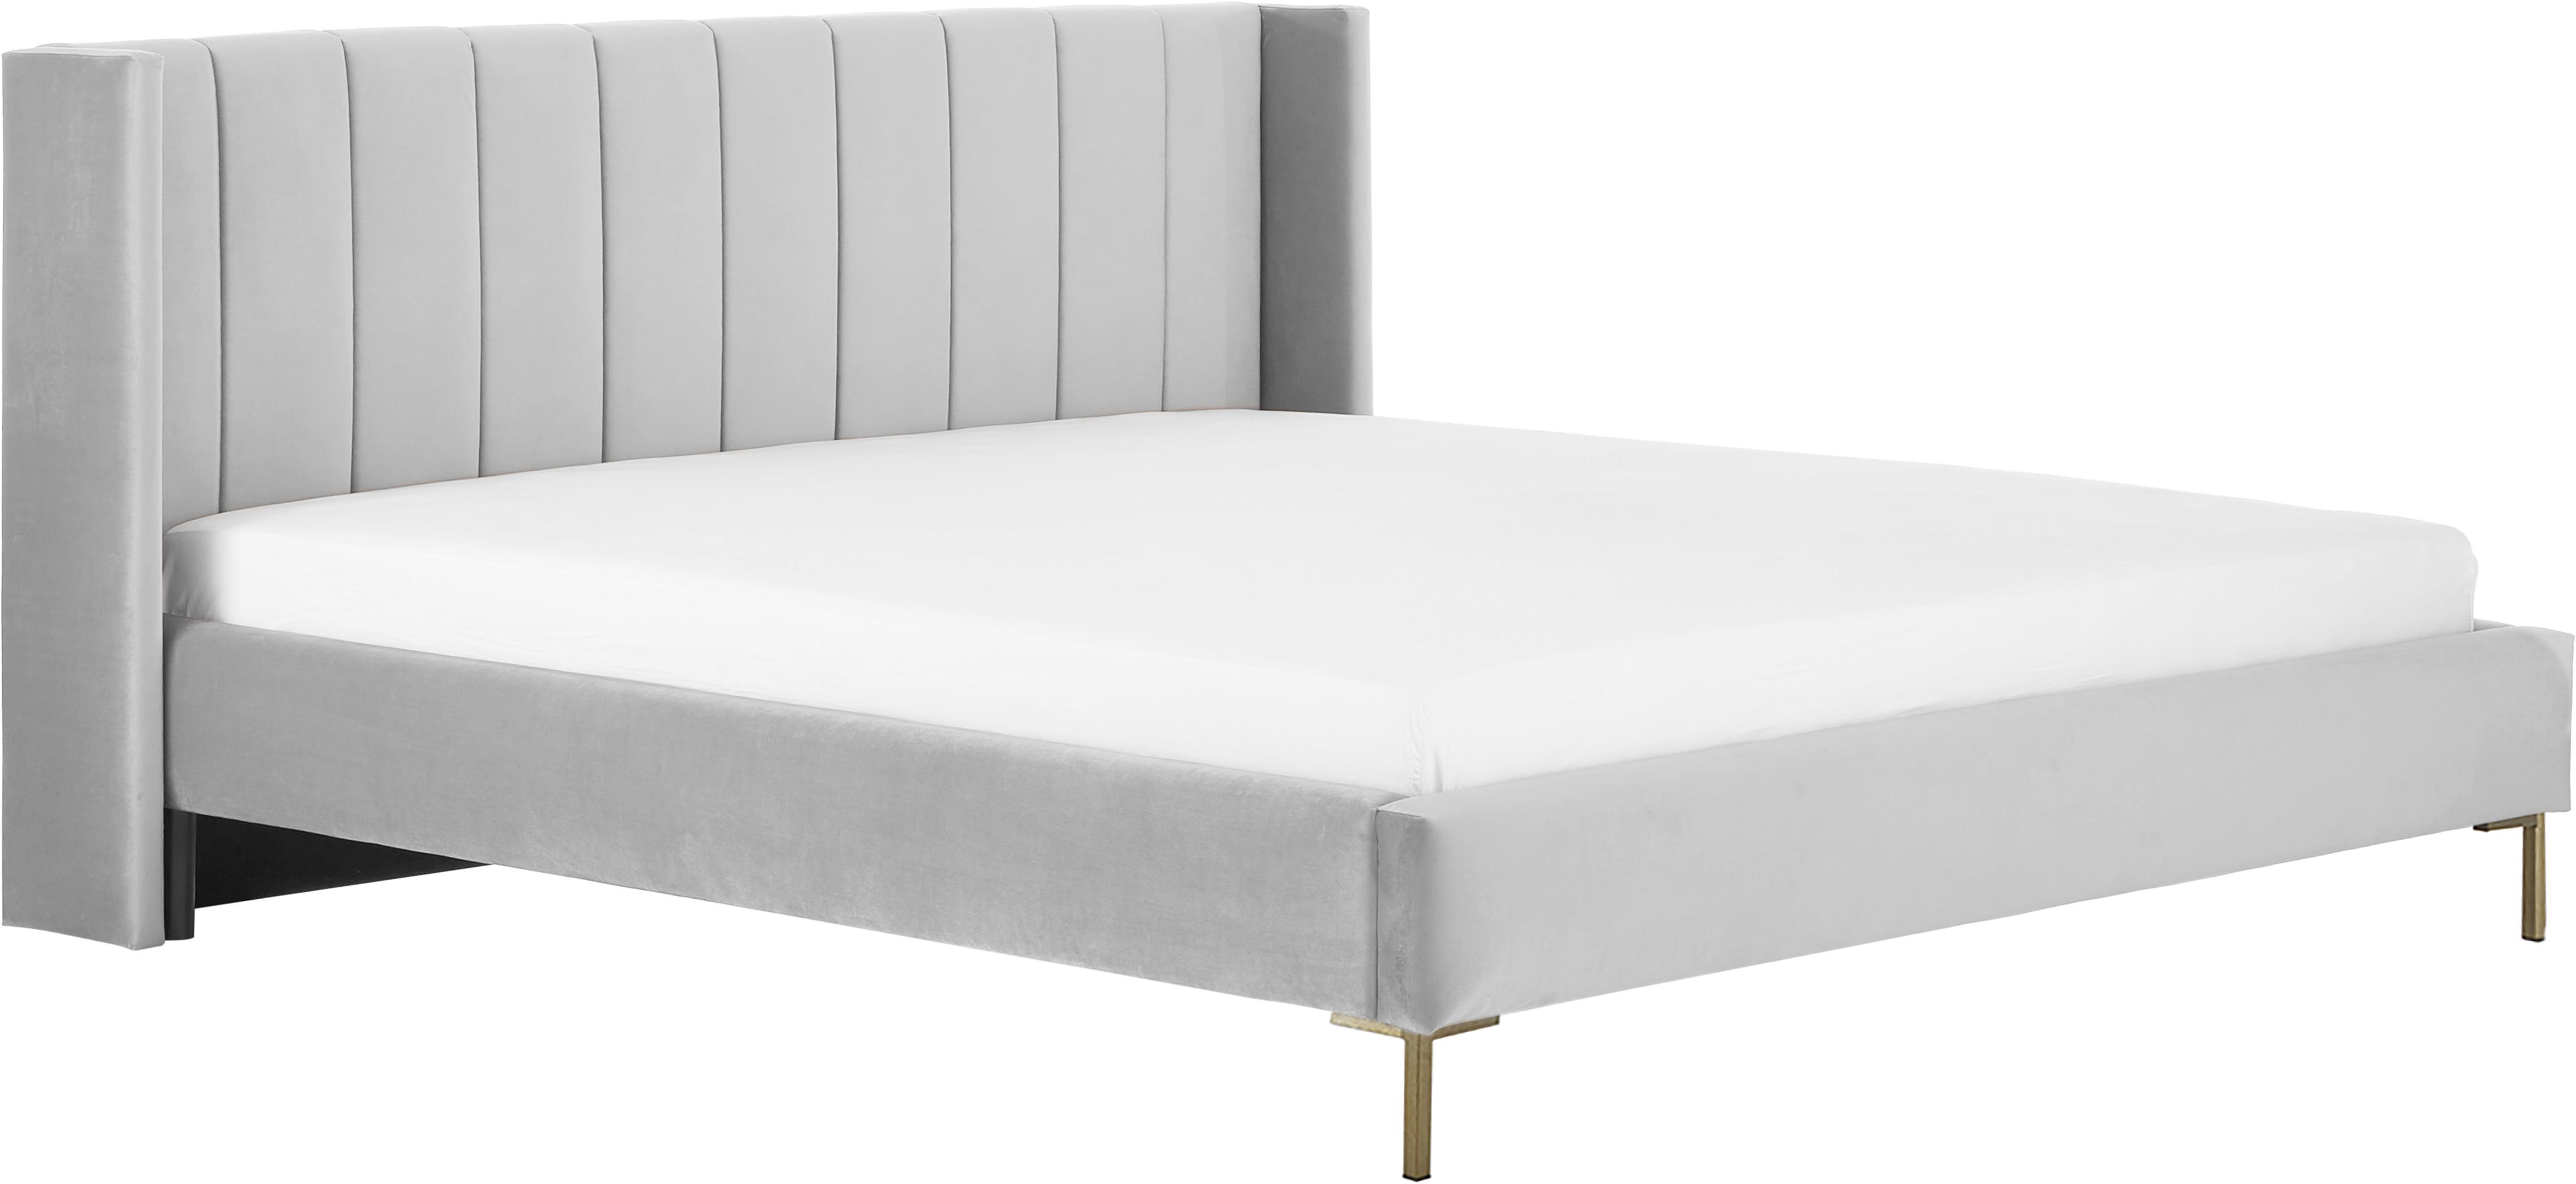 Łóżko tapicerowane z aksamitu Dusk, Korpus: lite drewno sosnowe, Nogi: metal malowany proszkowo, Tapicerka: aksamit poliestrowy 3000, Jasny szary, 200 x 200 cm